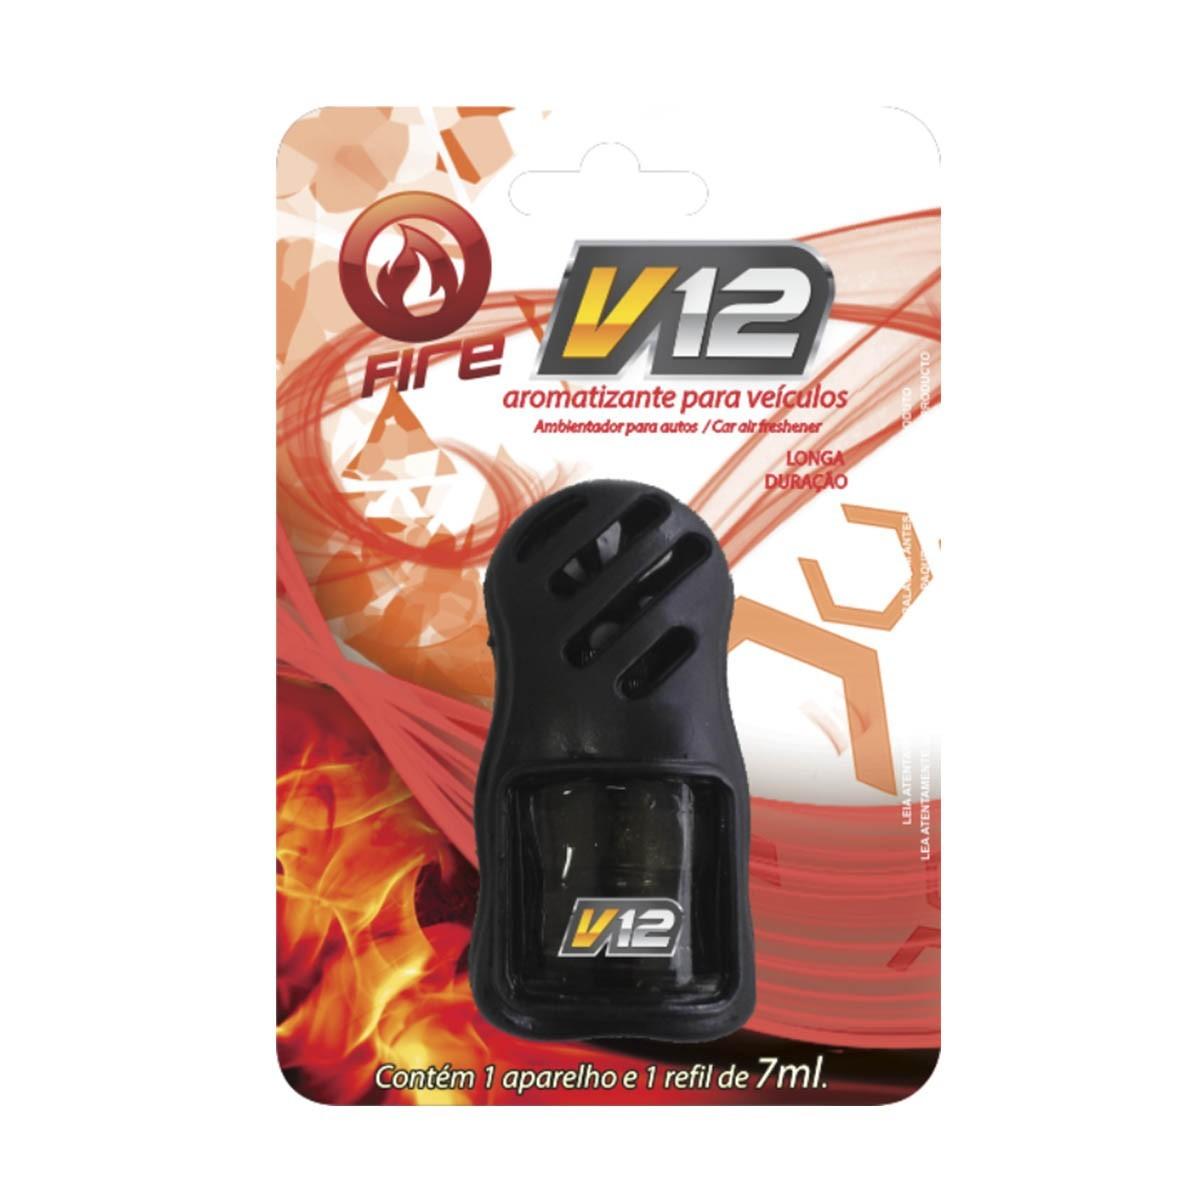 Aromatizante Painel de veículos V12 - FIRE (7ml) Centralsul  - Loja Go Eco Wash